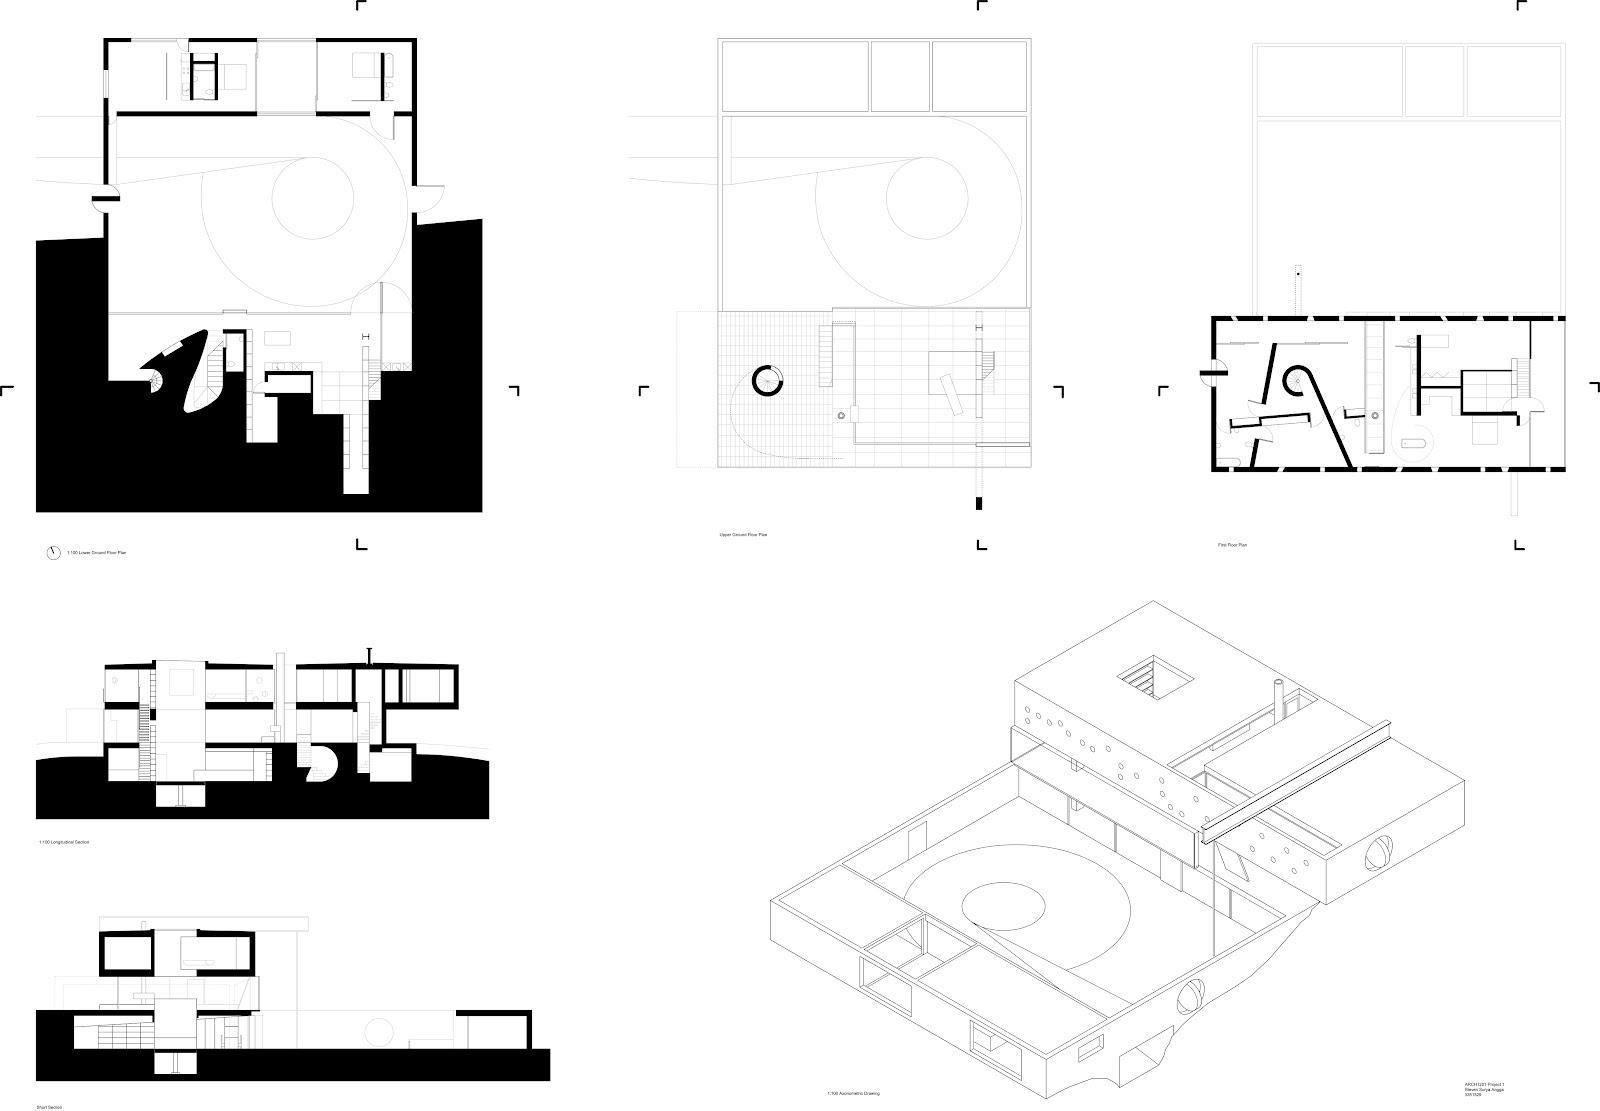 Arch 1201 submission bordeaux house plans steven surya angga for Maison de l architecture bordeaux